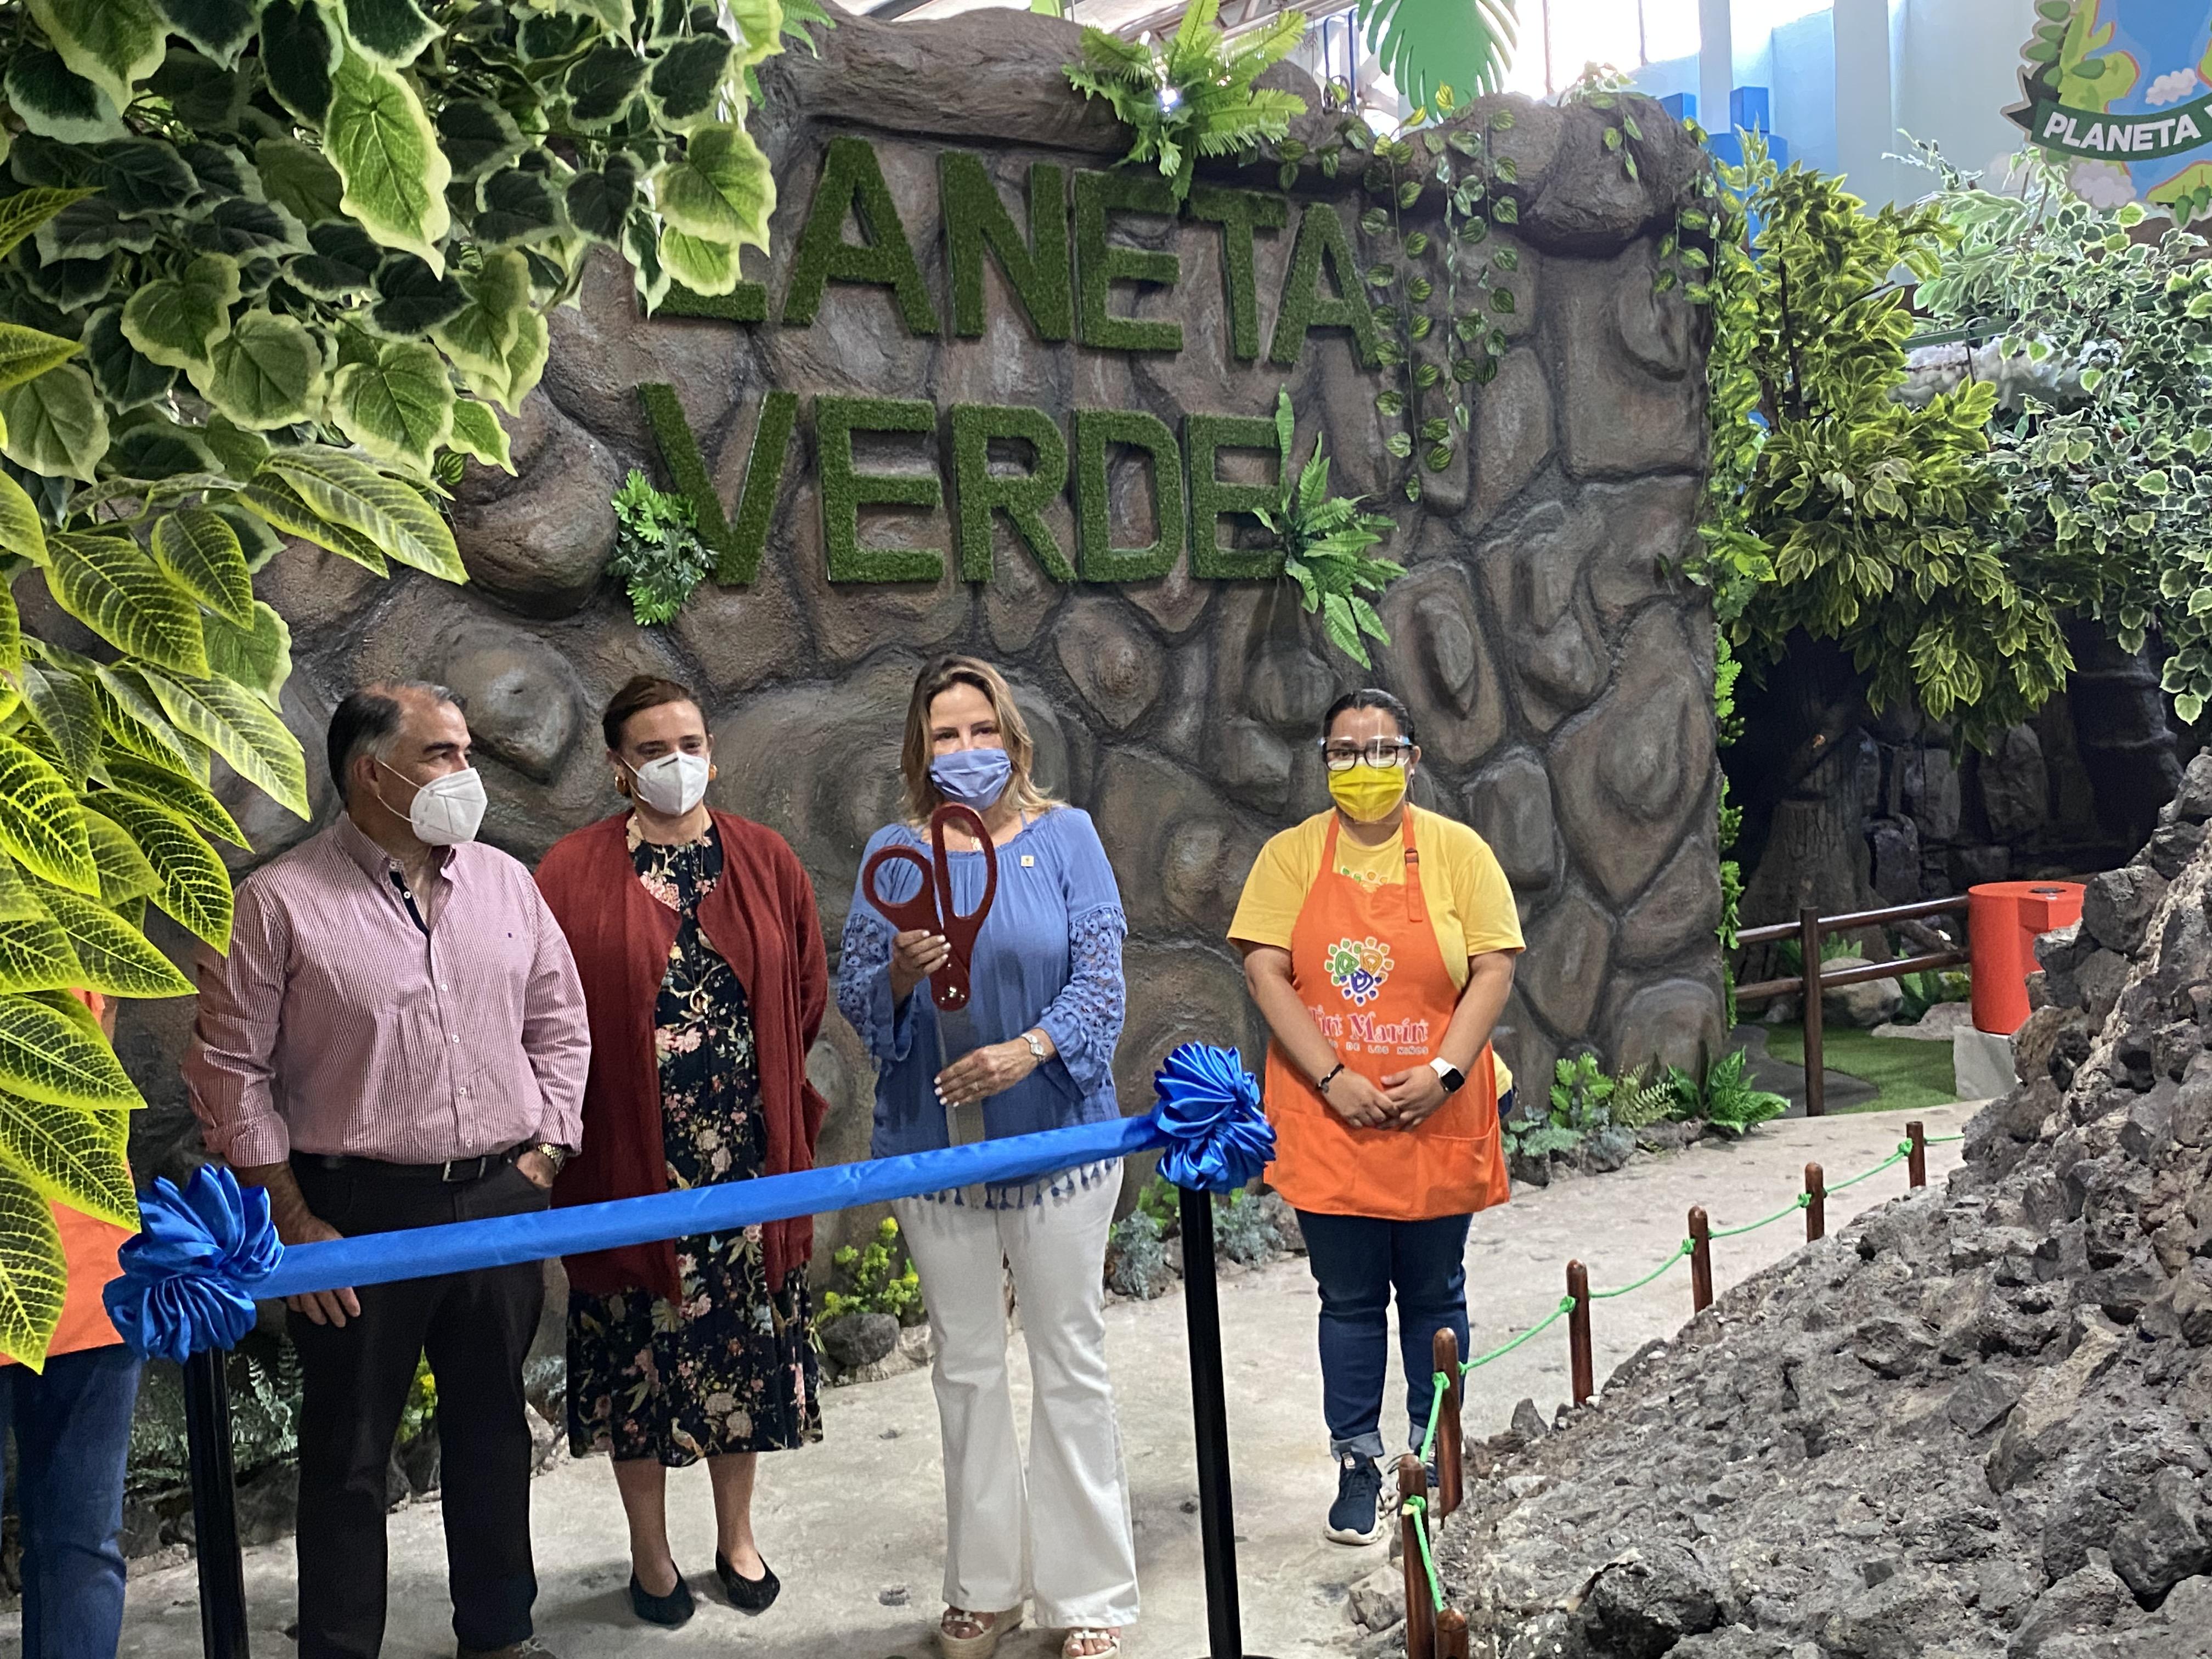 """Tin Marín inaugura la nueva exhibición """"Planeta Verde"""" con apoyo de UNICEF"""